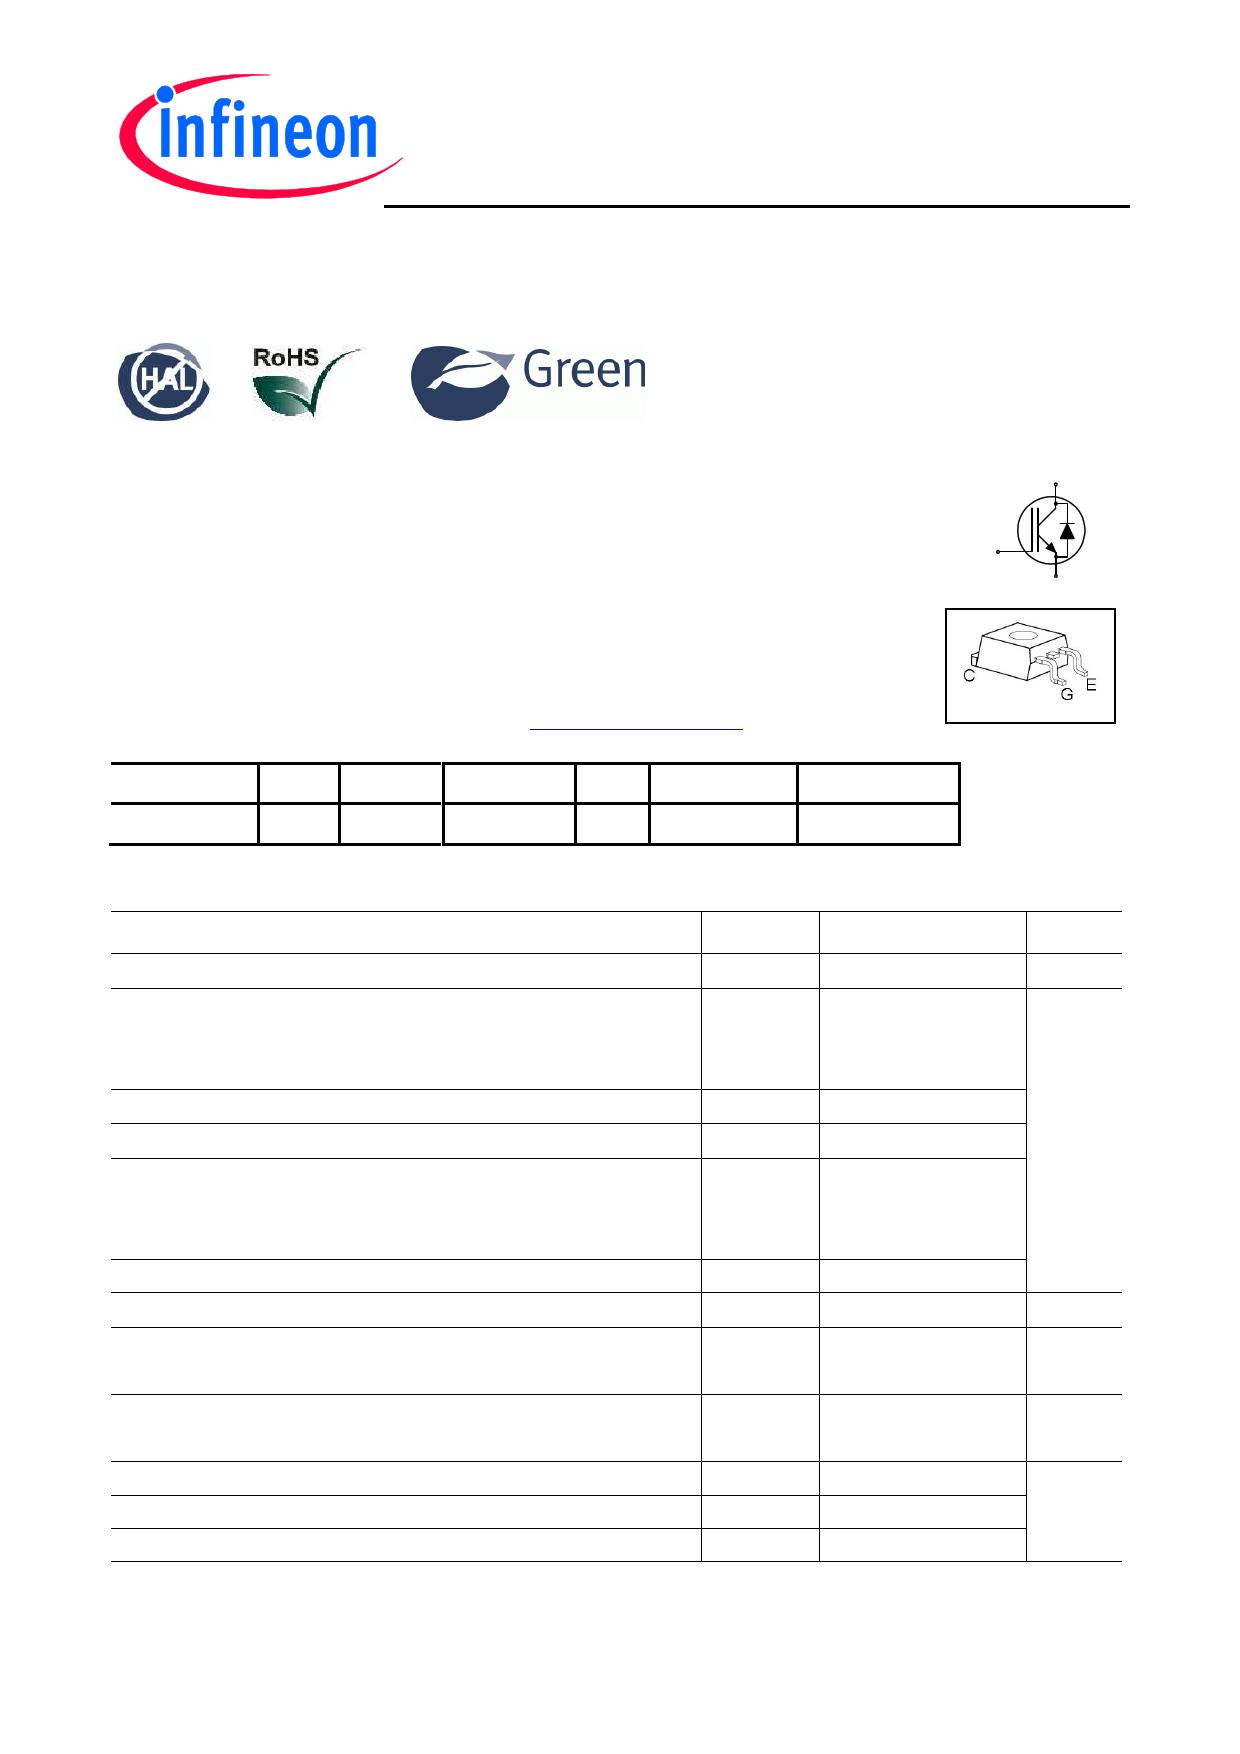 IKB06N60T Datasheet, IKB06N60T PDF,ピン配置, 機能